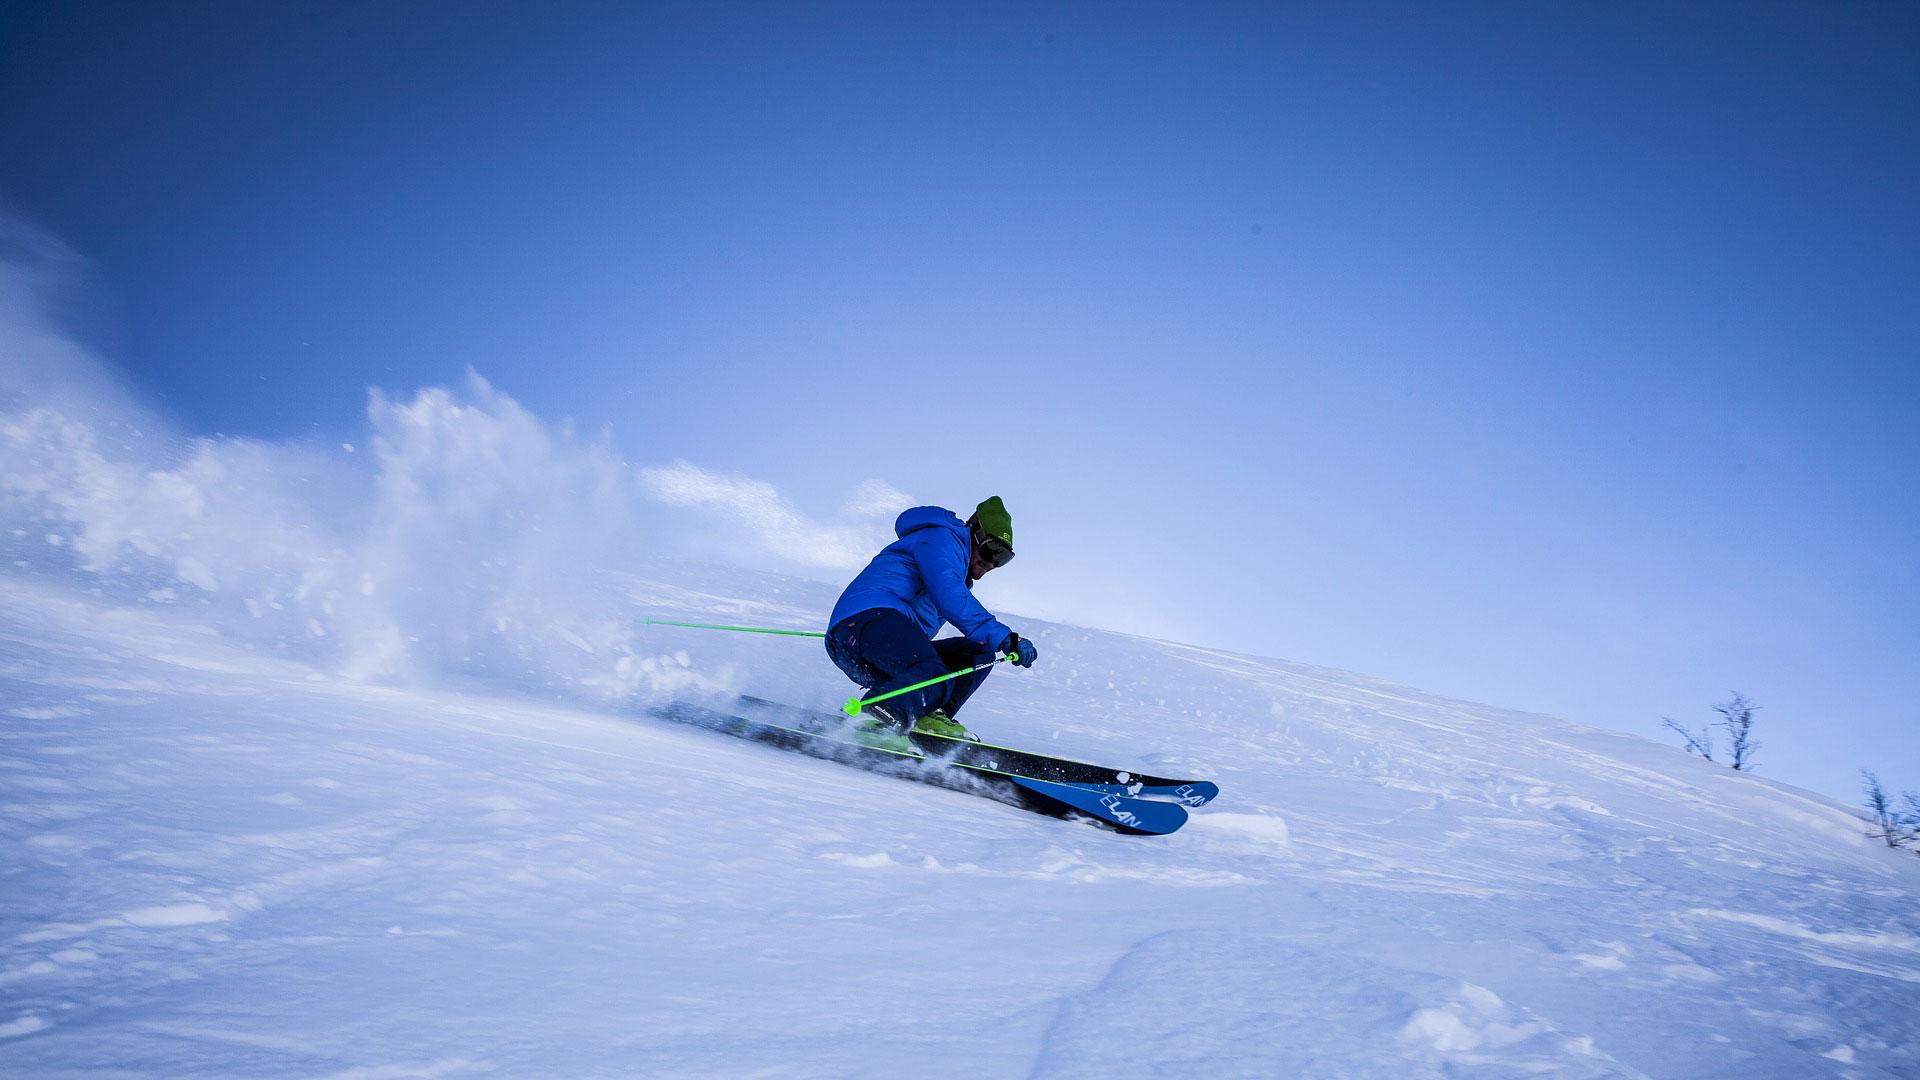 Séjour d'hiver, s'évader un weekend à la station de ski de l'Alpe d'Huez